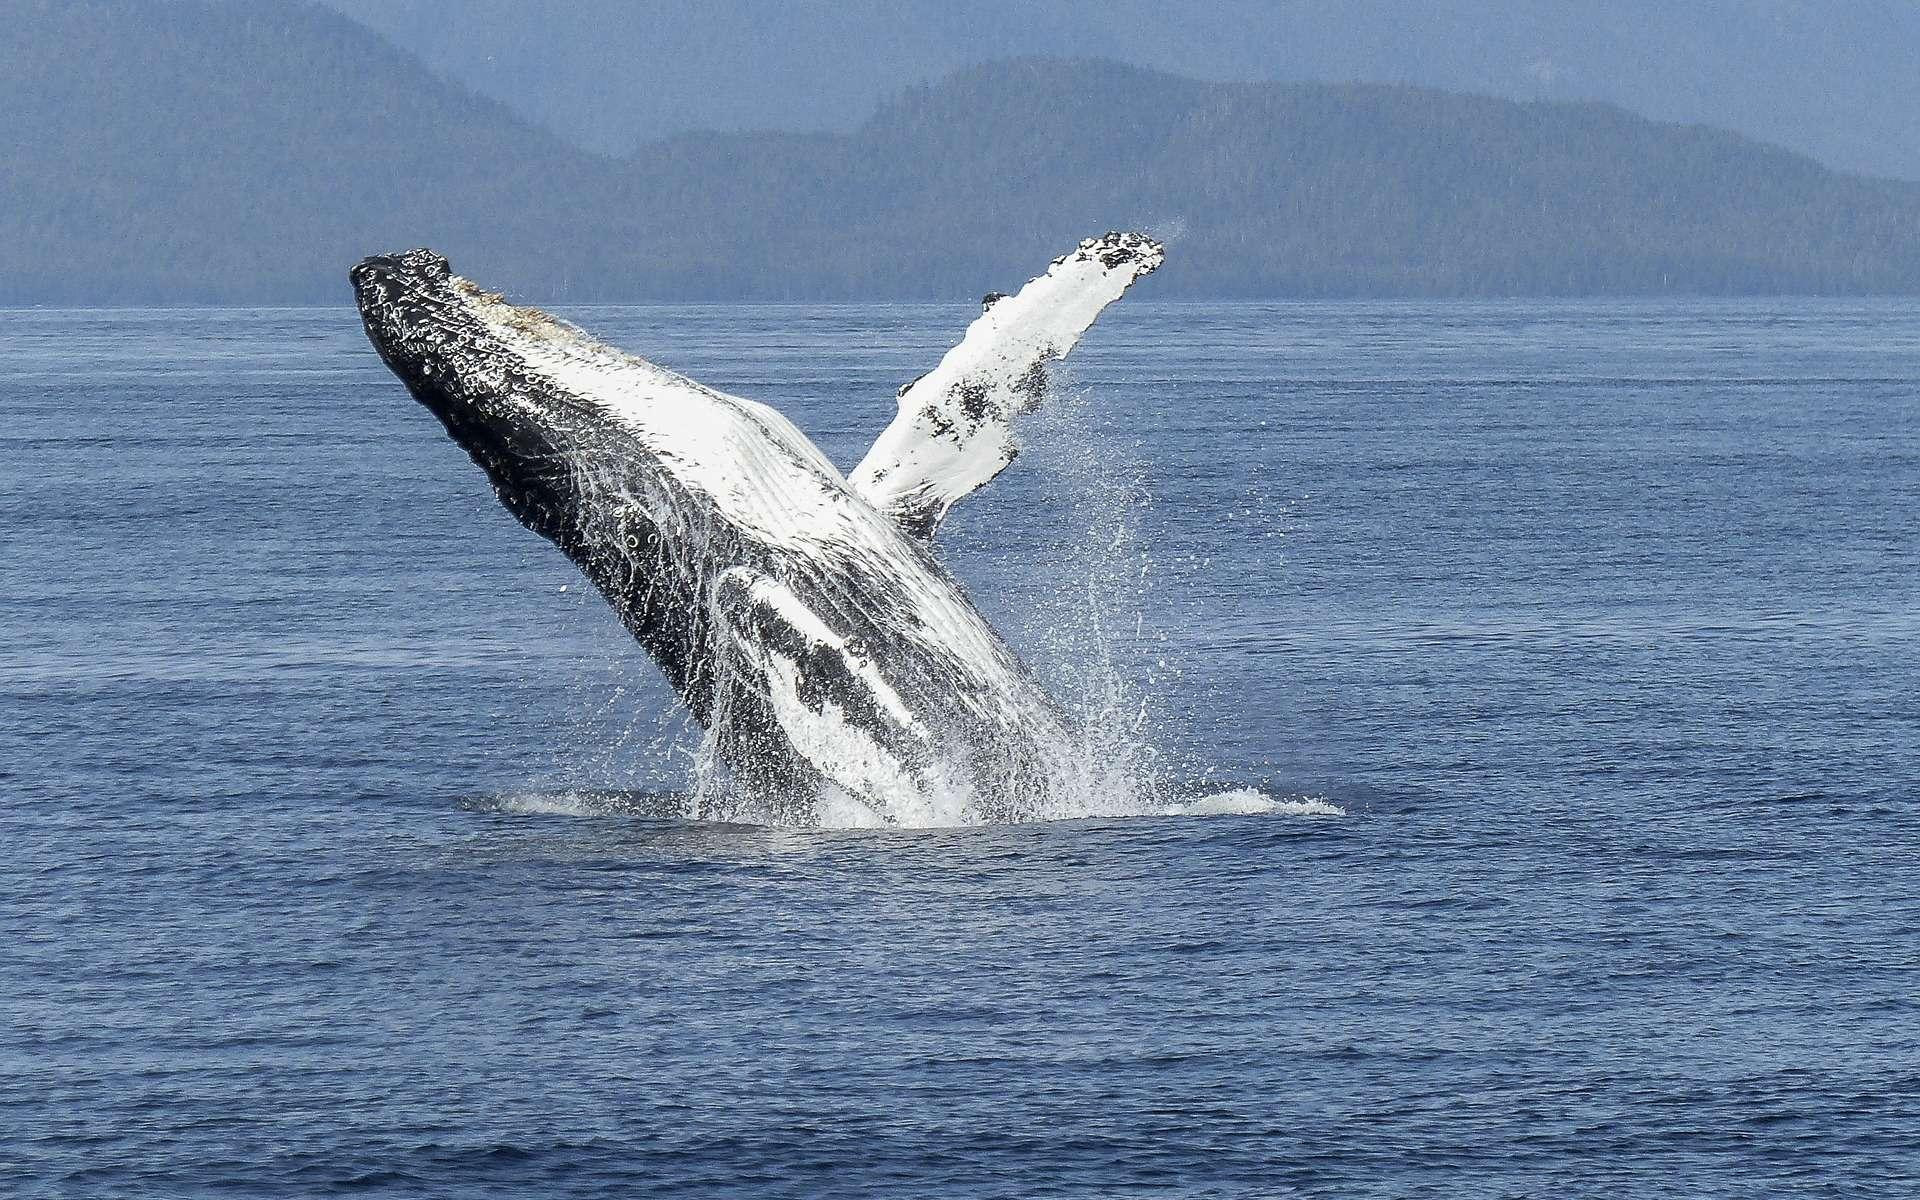 Après la mort de l'animal, les corps des cétacés (ici une baleine à bosse) rejoignent le plus souvent le fond de l'océan, où ils servent de nourriture à des petits écosystèmes. Durant leur vie, les excréments, eux, restent en surface et fertilisent les eaux superficielles. © werner22brigitte, Pixabay, DP